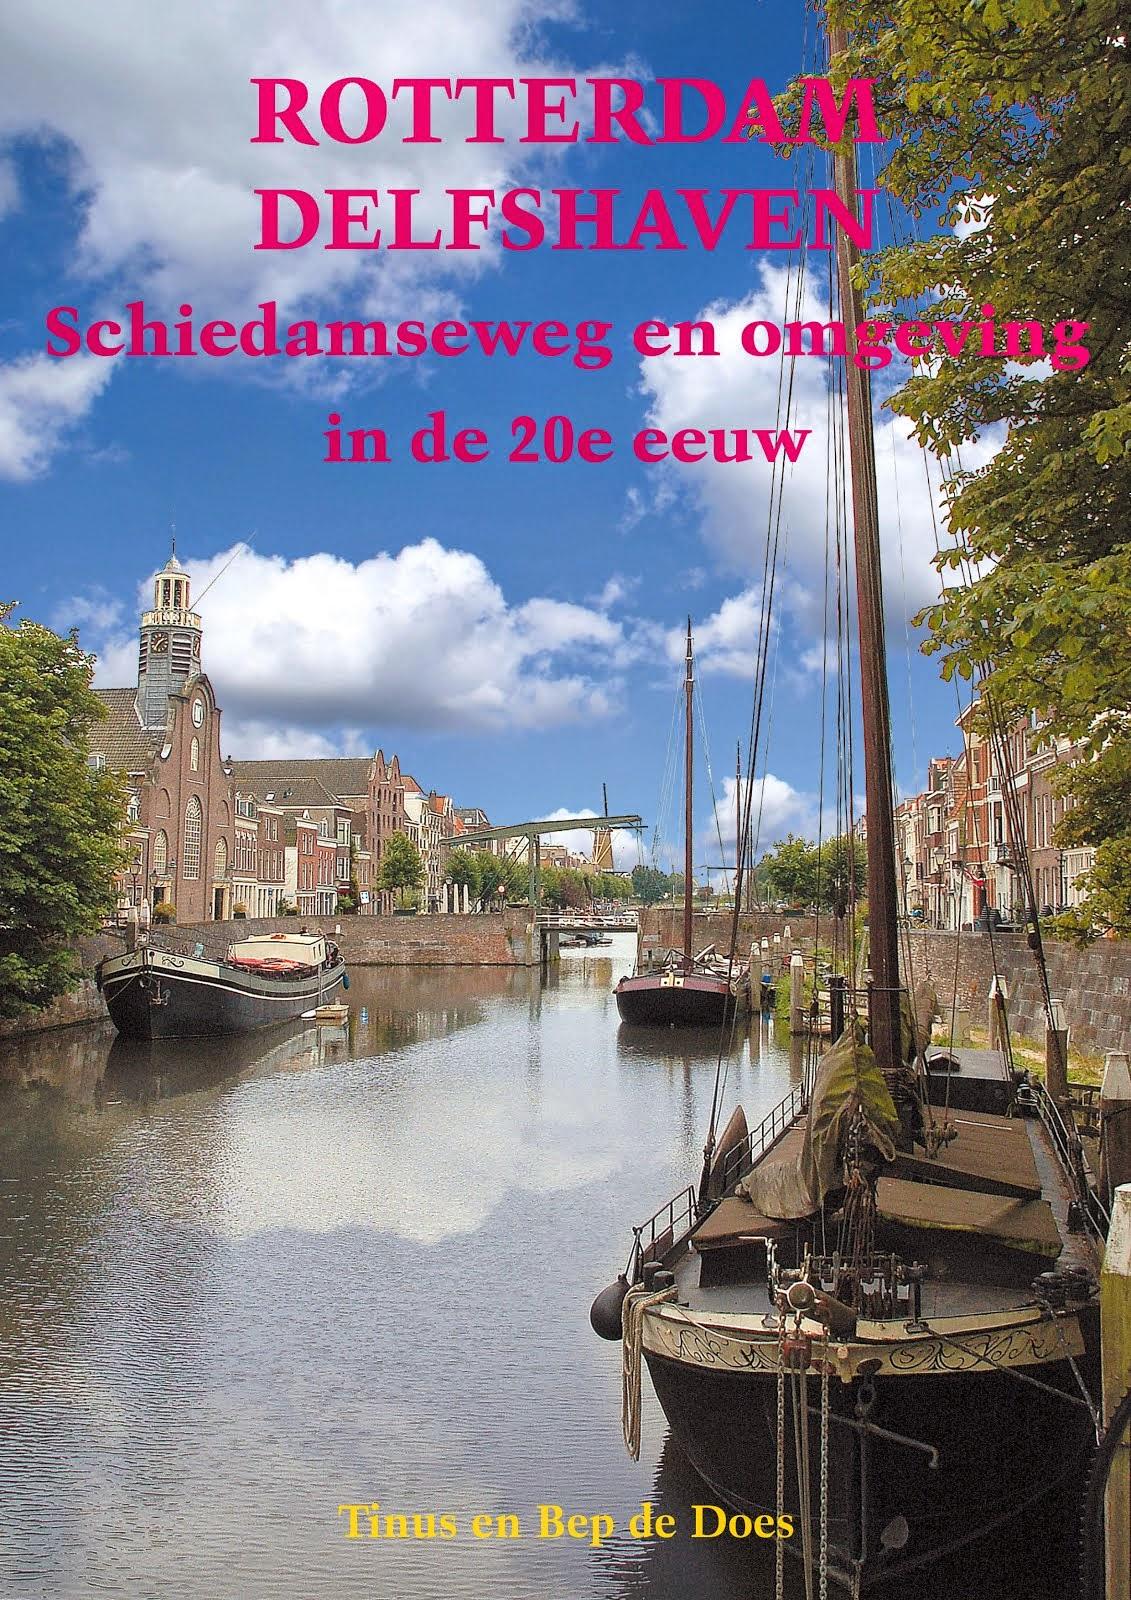 Rotterdam Delfshaven, Schiedamseweg e.o